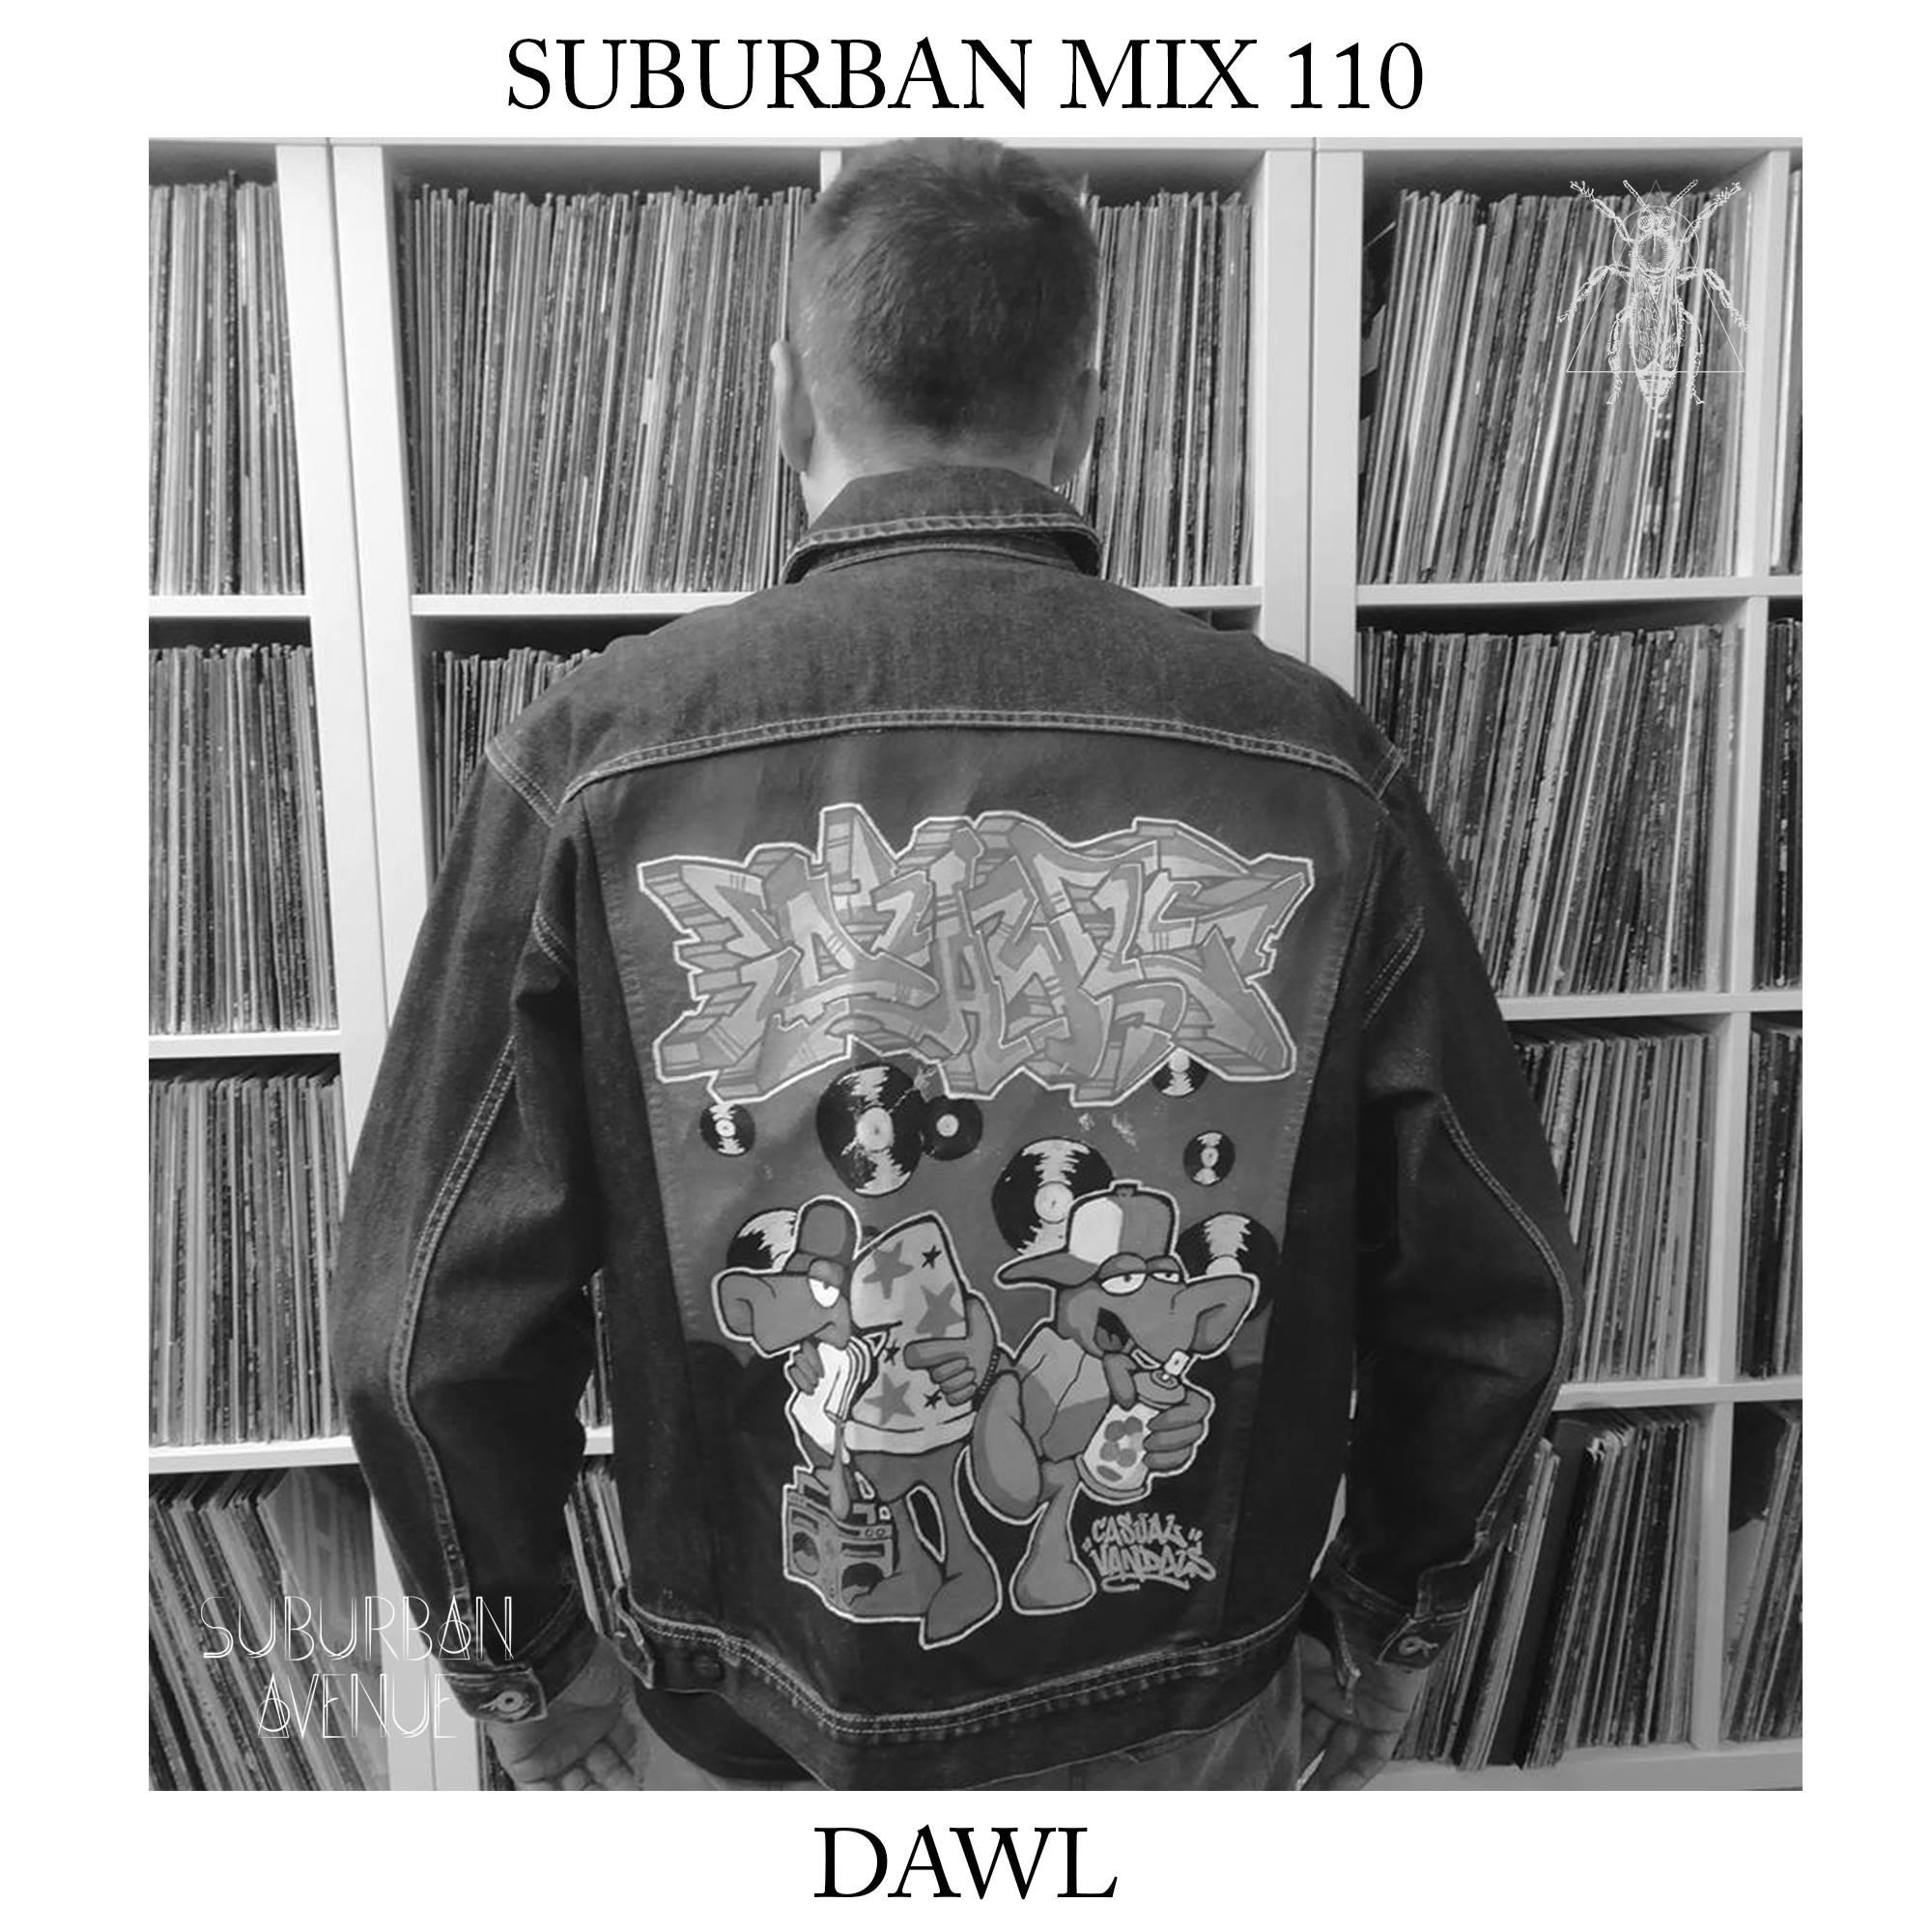 Suburban Mix 110 - Dawl